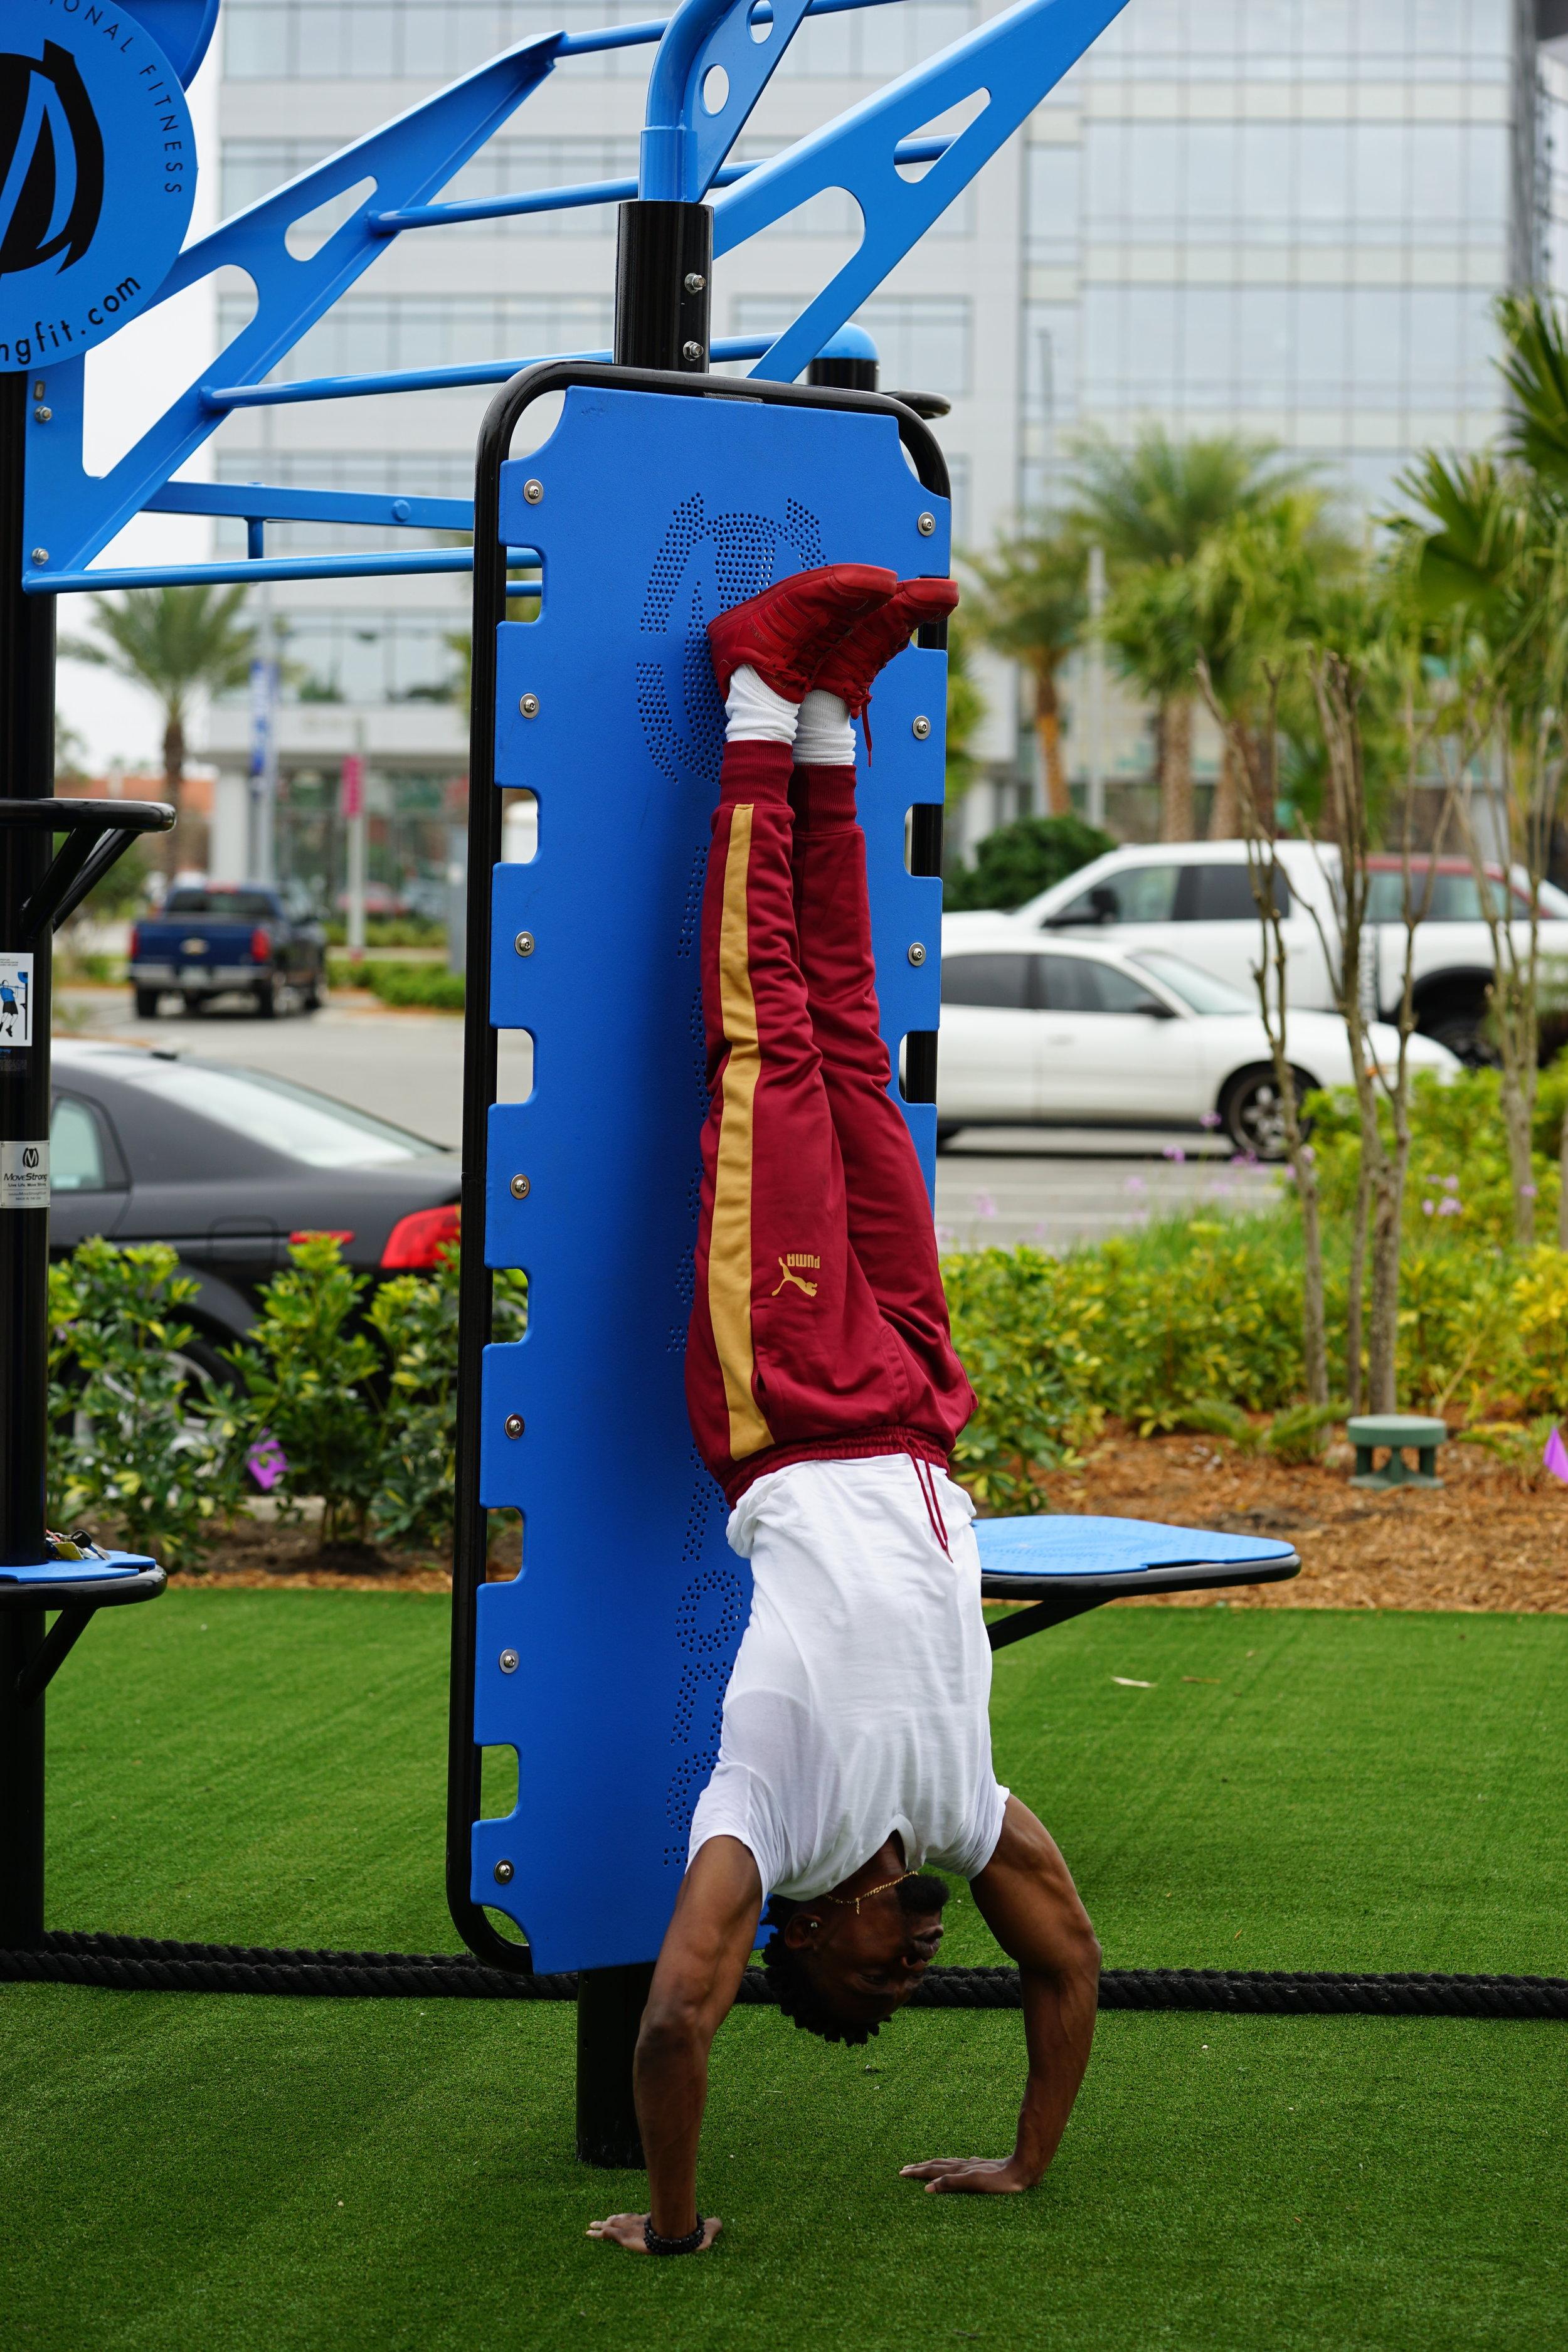 Handstand practice calisthenics